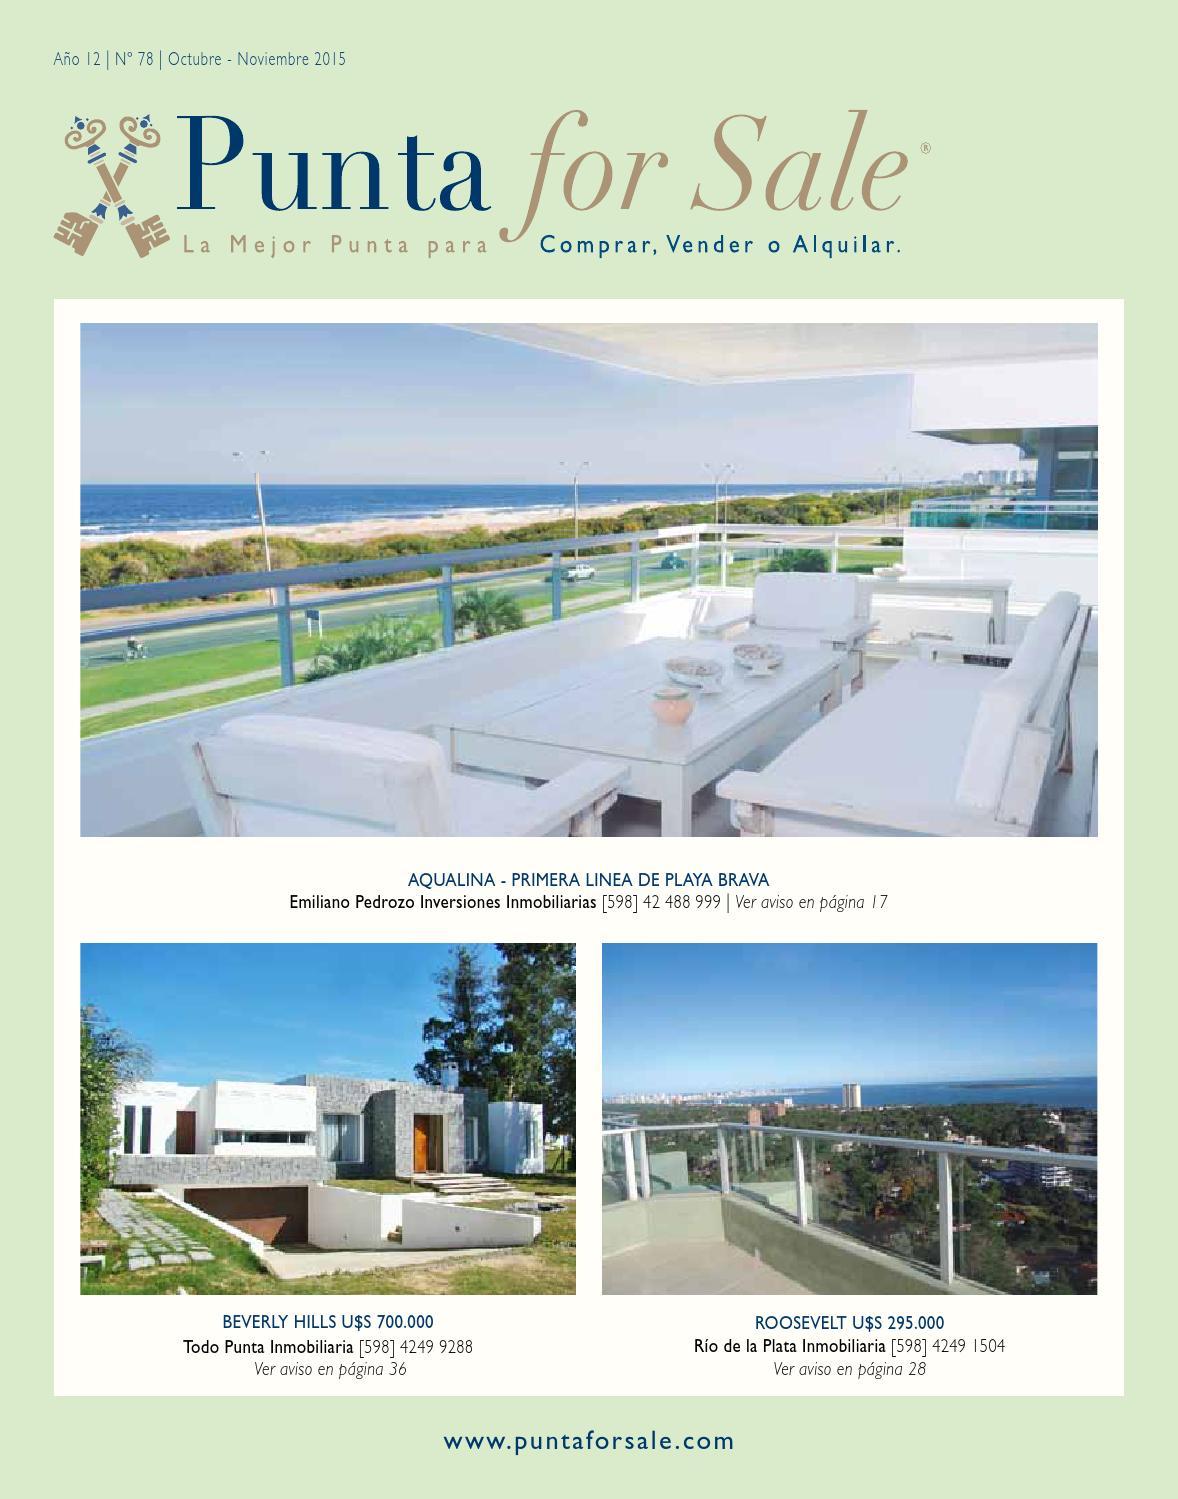 Revista de Real Estate Punta For Sale, edición #78 Octubre-Noviembre 2015